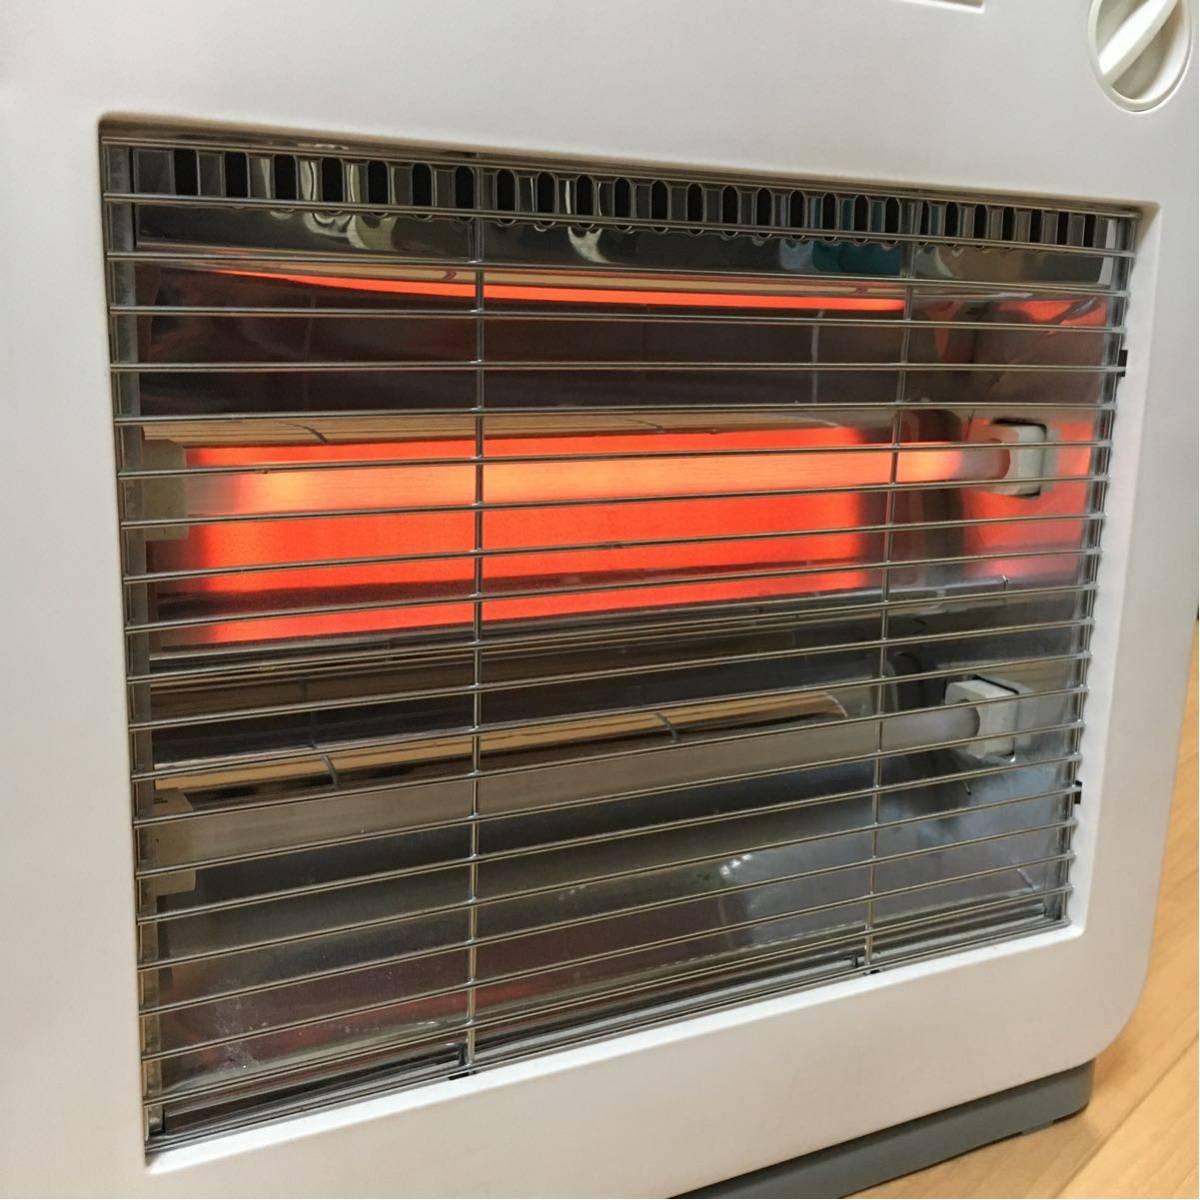 【美品】電気ストーブ ヒーター TEKNOS 800W 暖房器具 動作確認済み 転倒OFFスイッチ_画像6